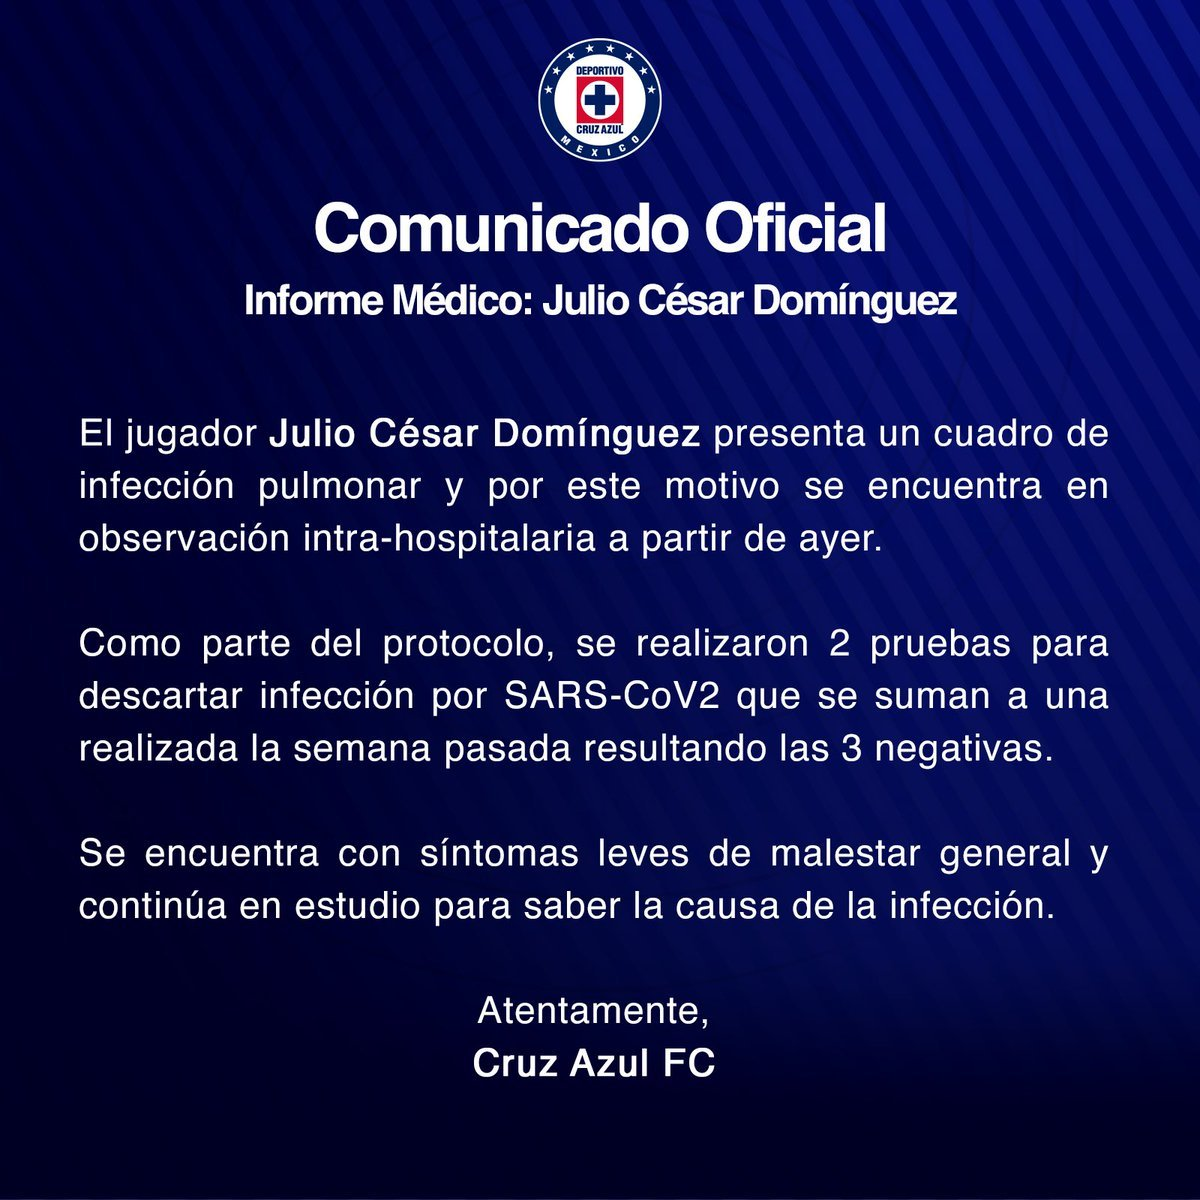 Julio César Domínguez no estará el sábado cuando Cruz Azul enfrente a León en la Jornada 3 luego de que su club lo reportara hospitalizado por una infección pulmonar desde este lunes https://www.mediotiempo.com/futbol/liga-mx/cruz-azul-julio-cesar-dominguez-hospitalizado-infeccion-pulmonar